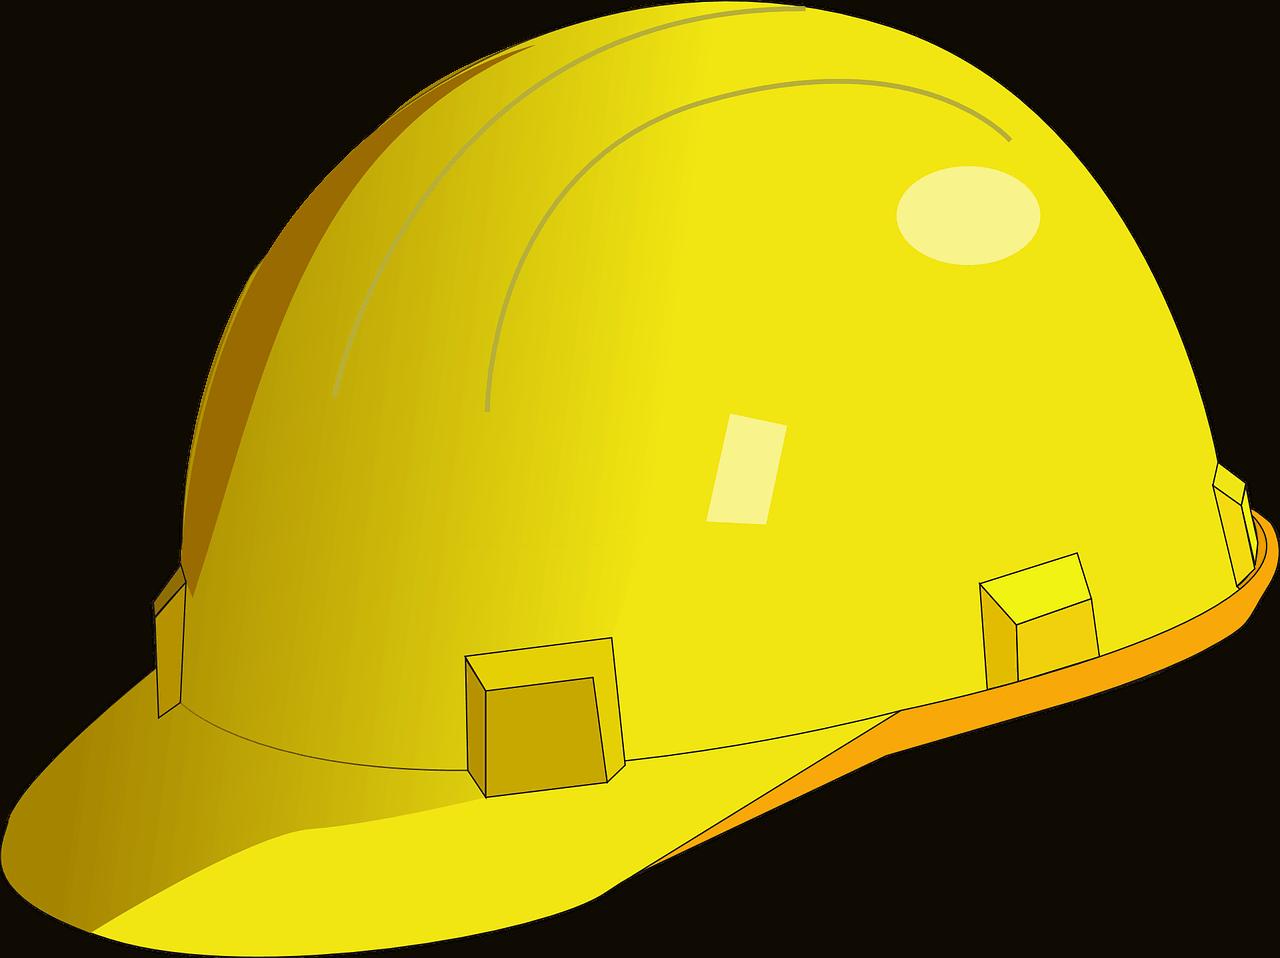 כובע של תכני